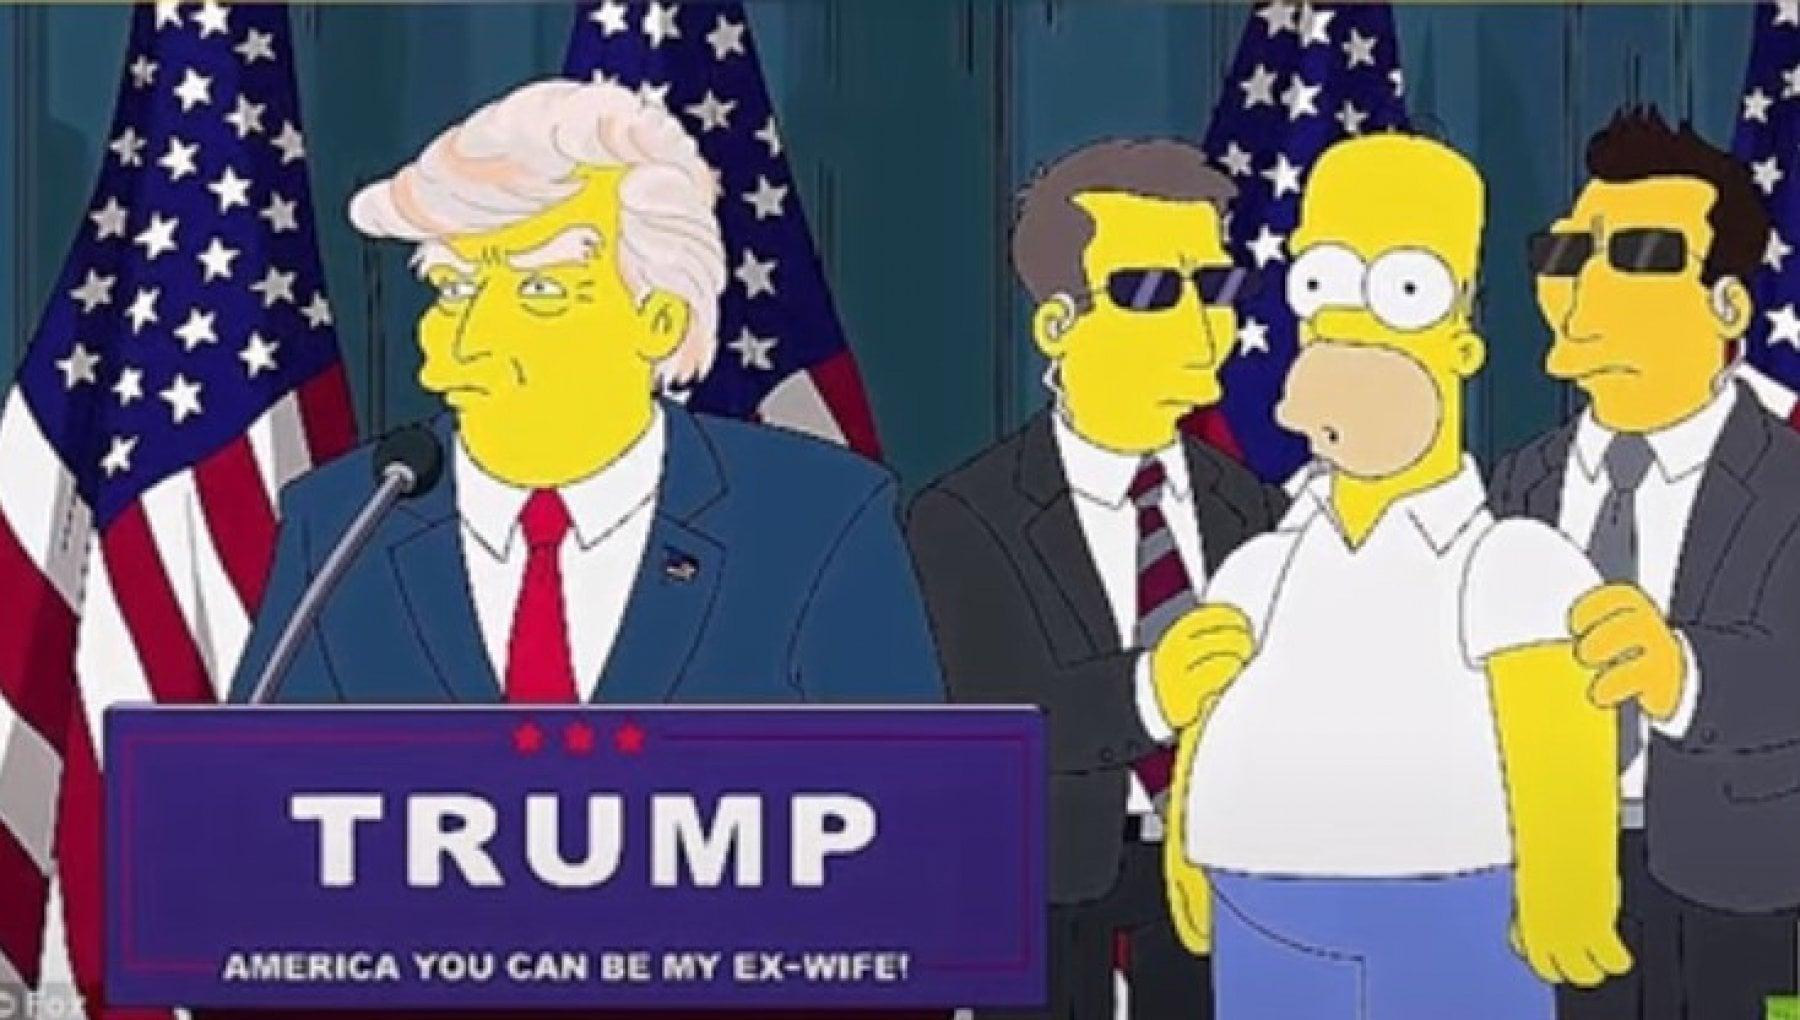 173320308 f921dac0 cce8 40a8 807c 9697ab6f0bfd - Assalto al Congresso Usa: e se i Simpson avessero previsto tutto?